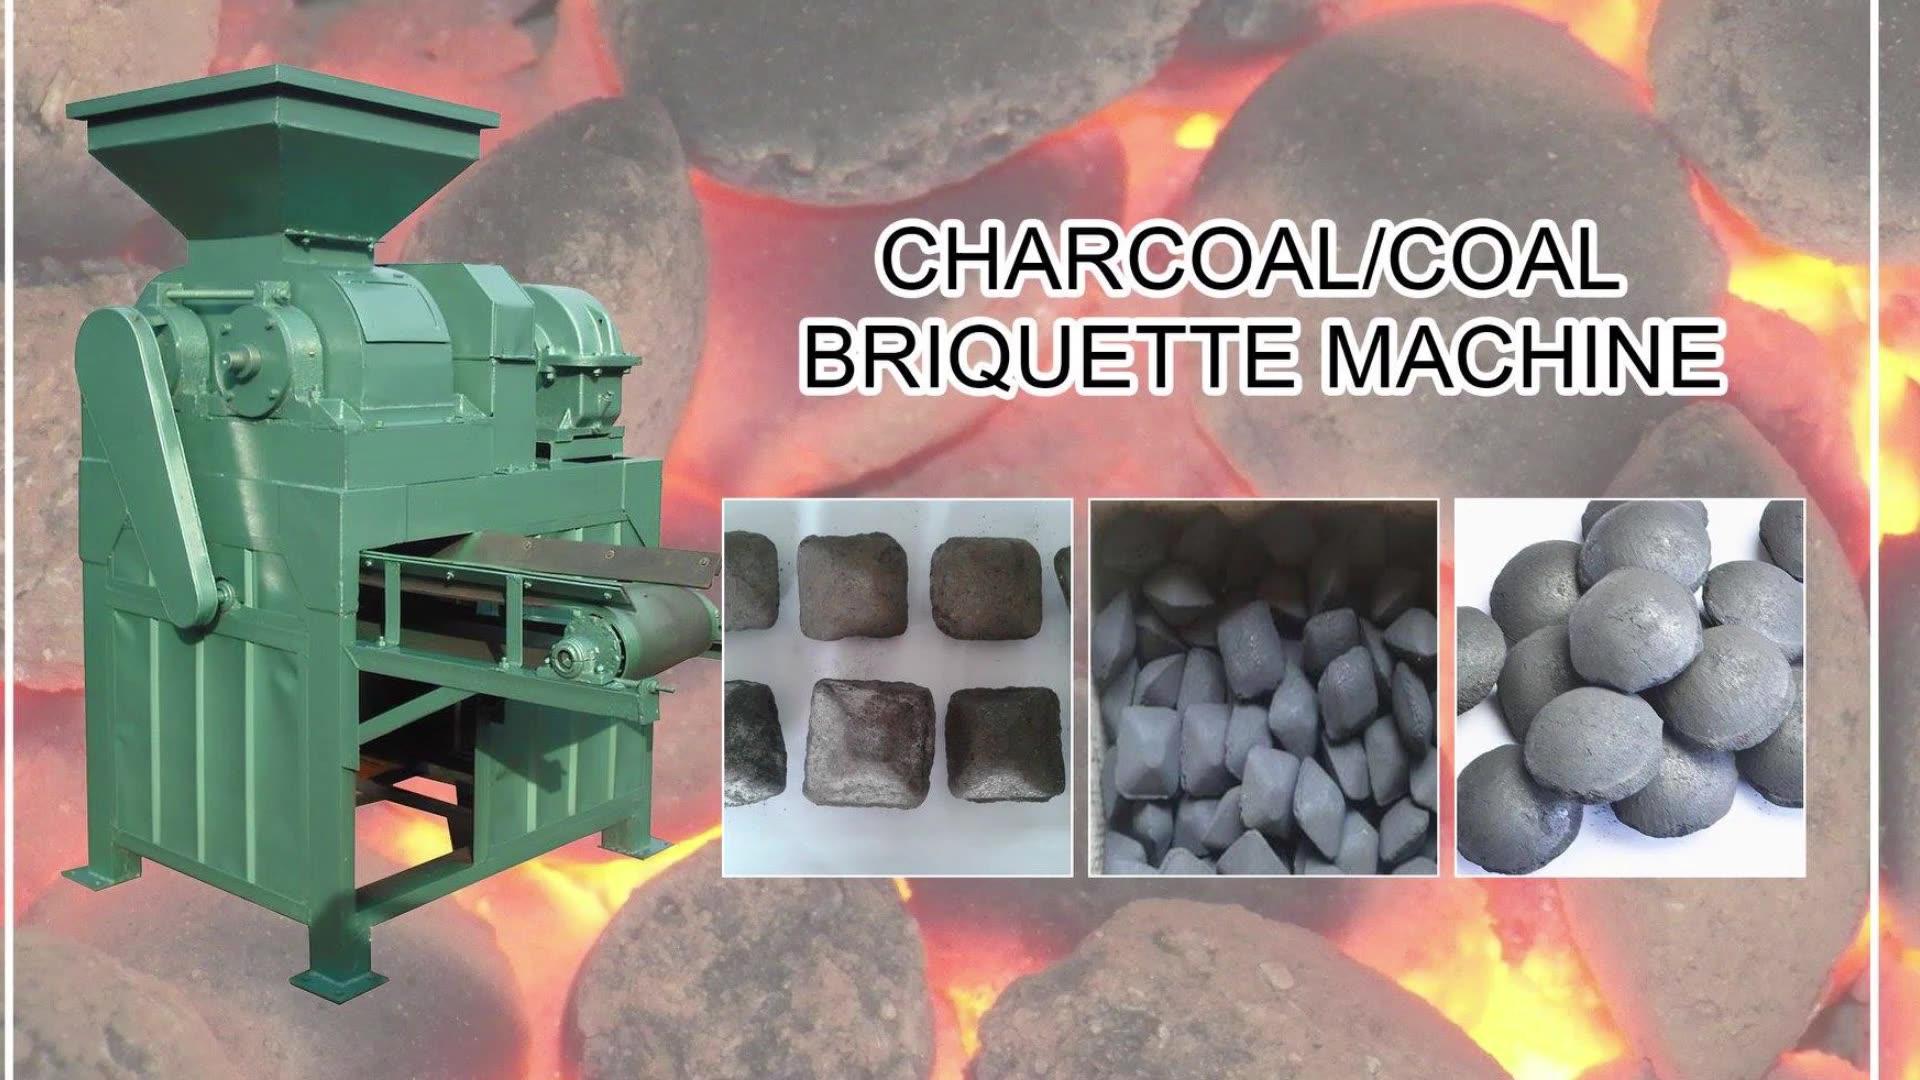 الصين التلقائي دخان البيضاوي الشكل الفحم الكتلة الحيوية ماكينة تصنيع قوالب الفحم الحجري تصنيع